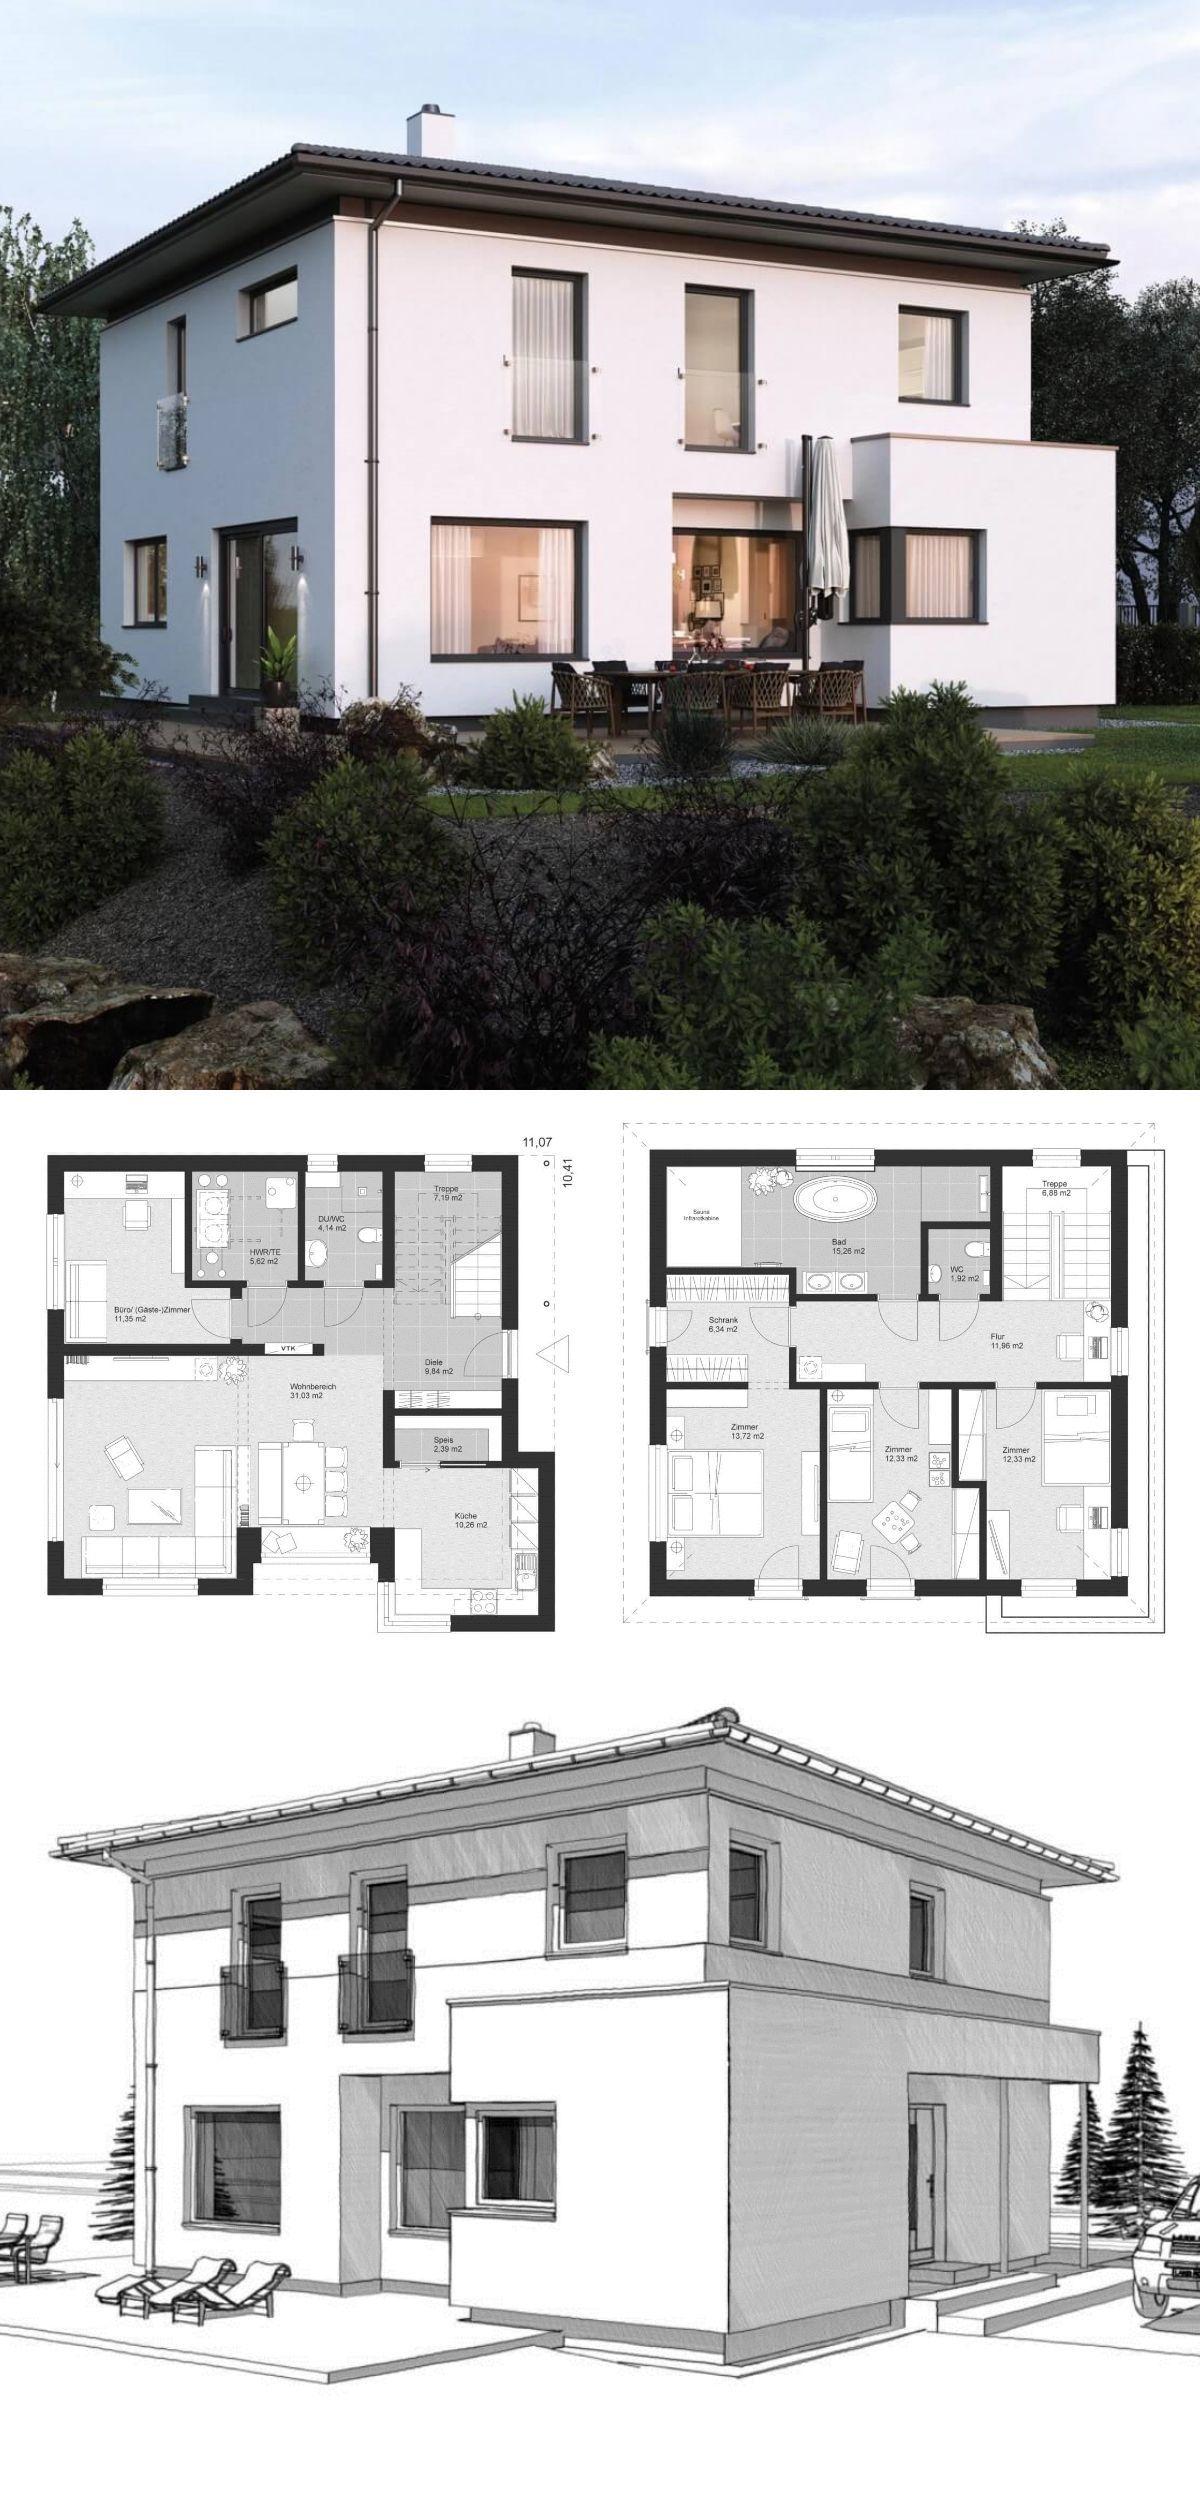 Stadtvilla Neubau modern mit Walmdach Architektur & Erker